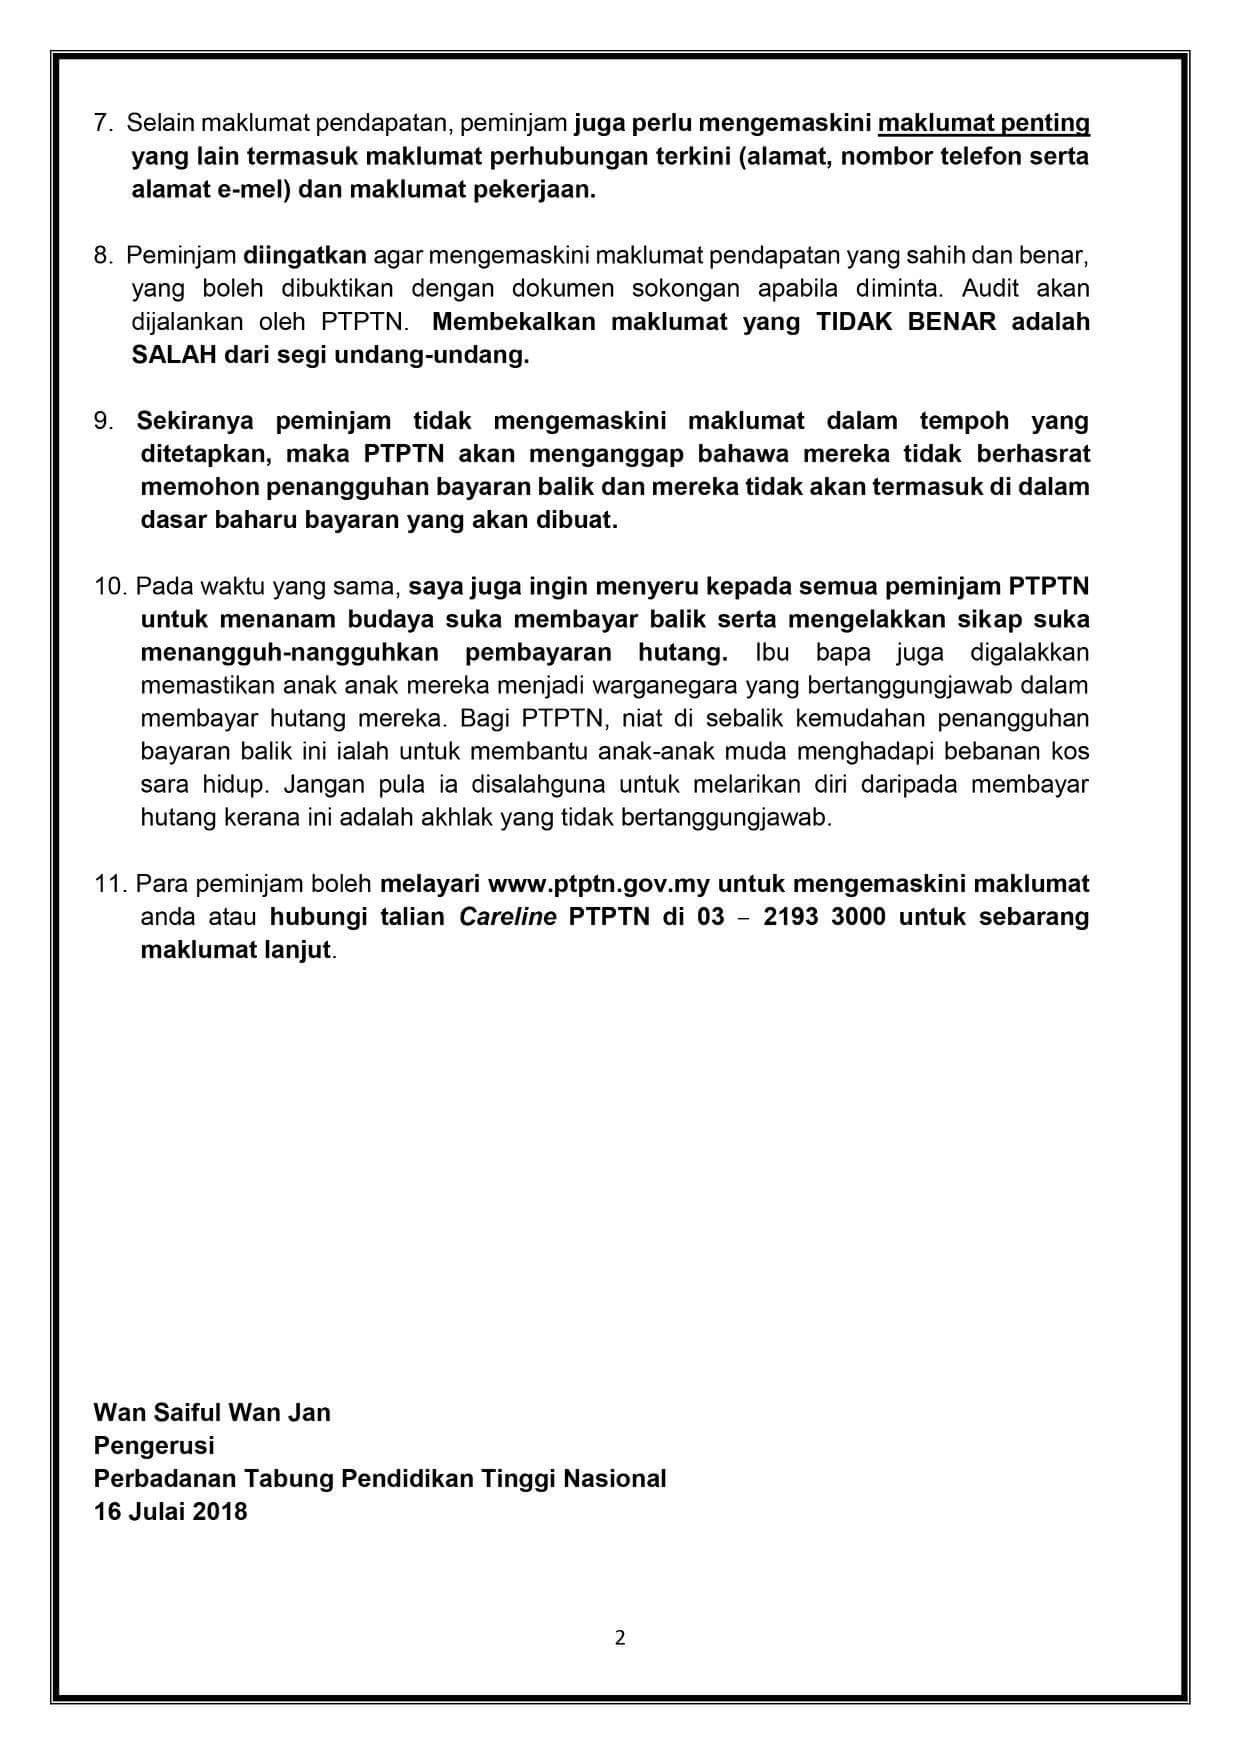 Cara Kemaskini Maklumat Pendapatan PTPTN (Penangguhan Bayaran Balik)